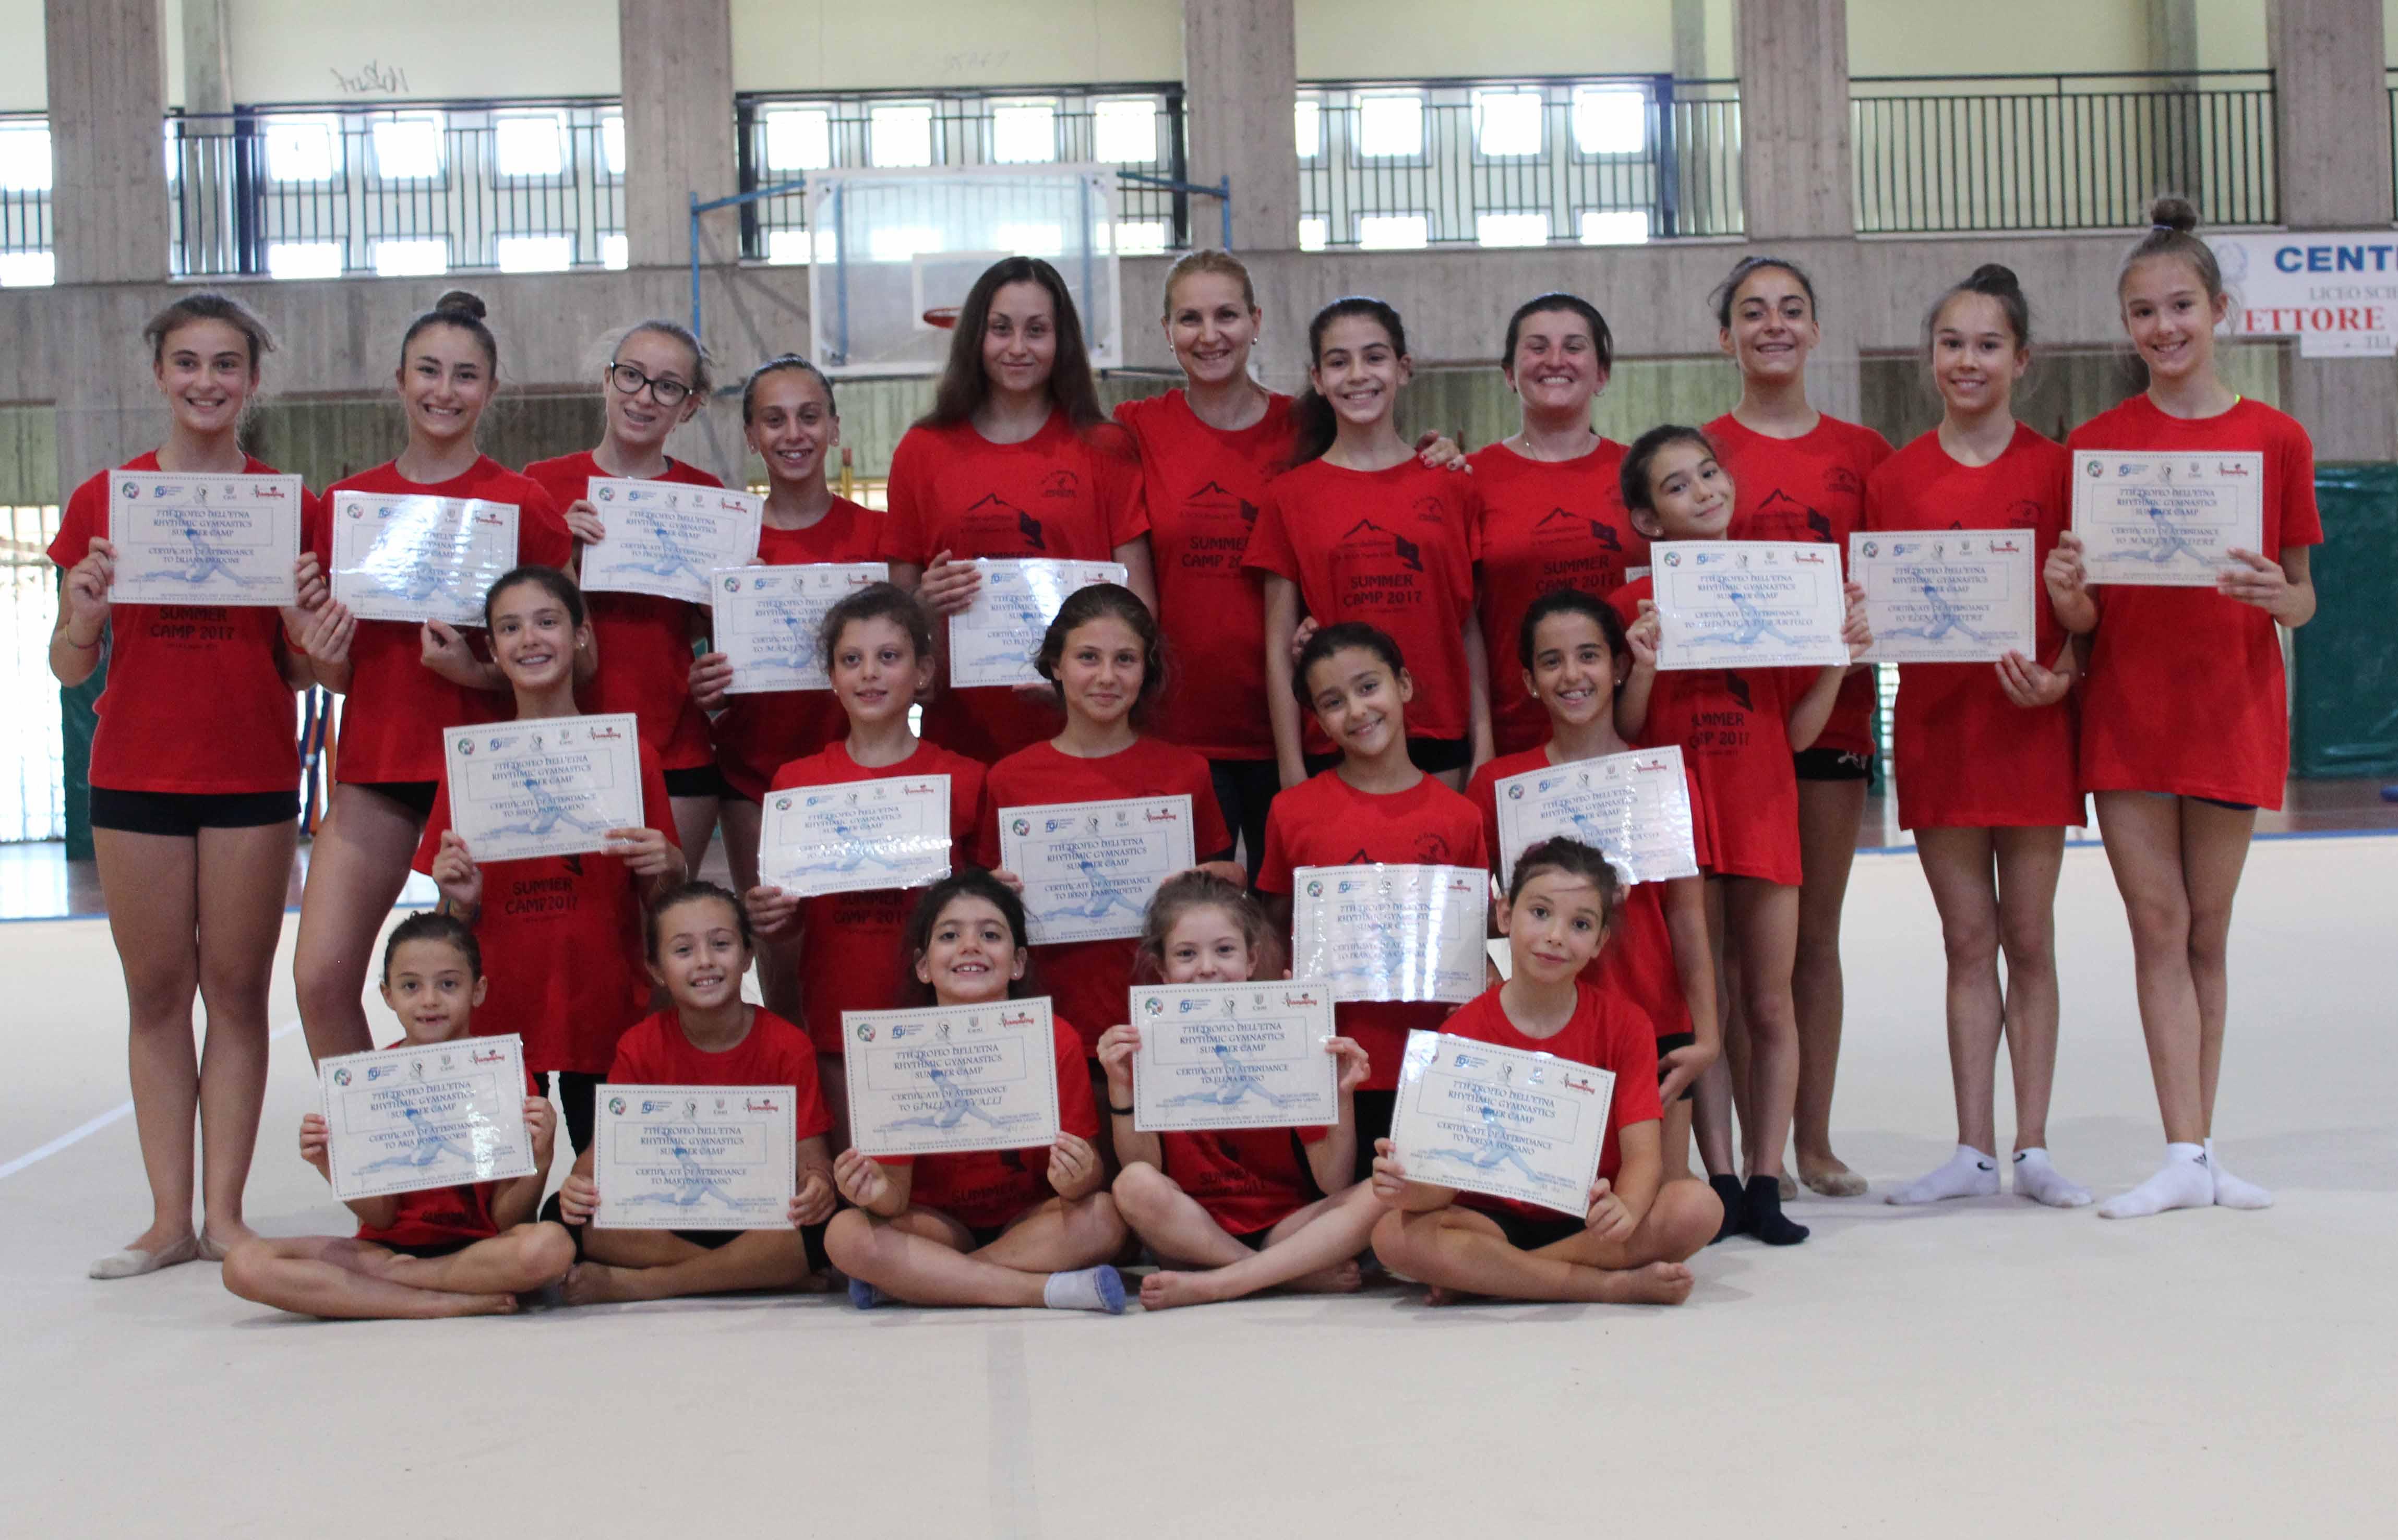 7° Trofeo dell'Etna ritmica Summer Camp, S.G.la Punta, Catania